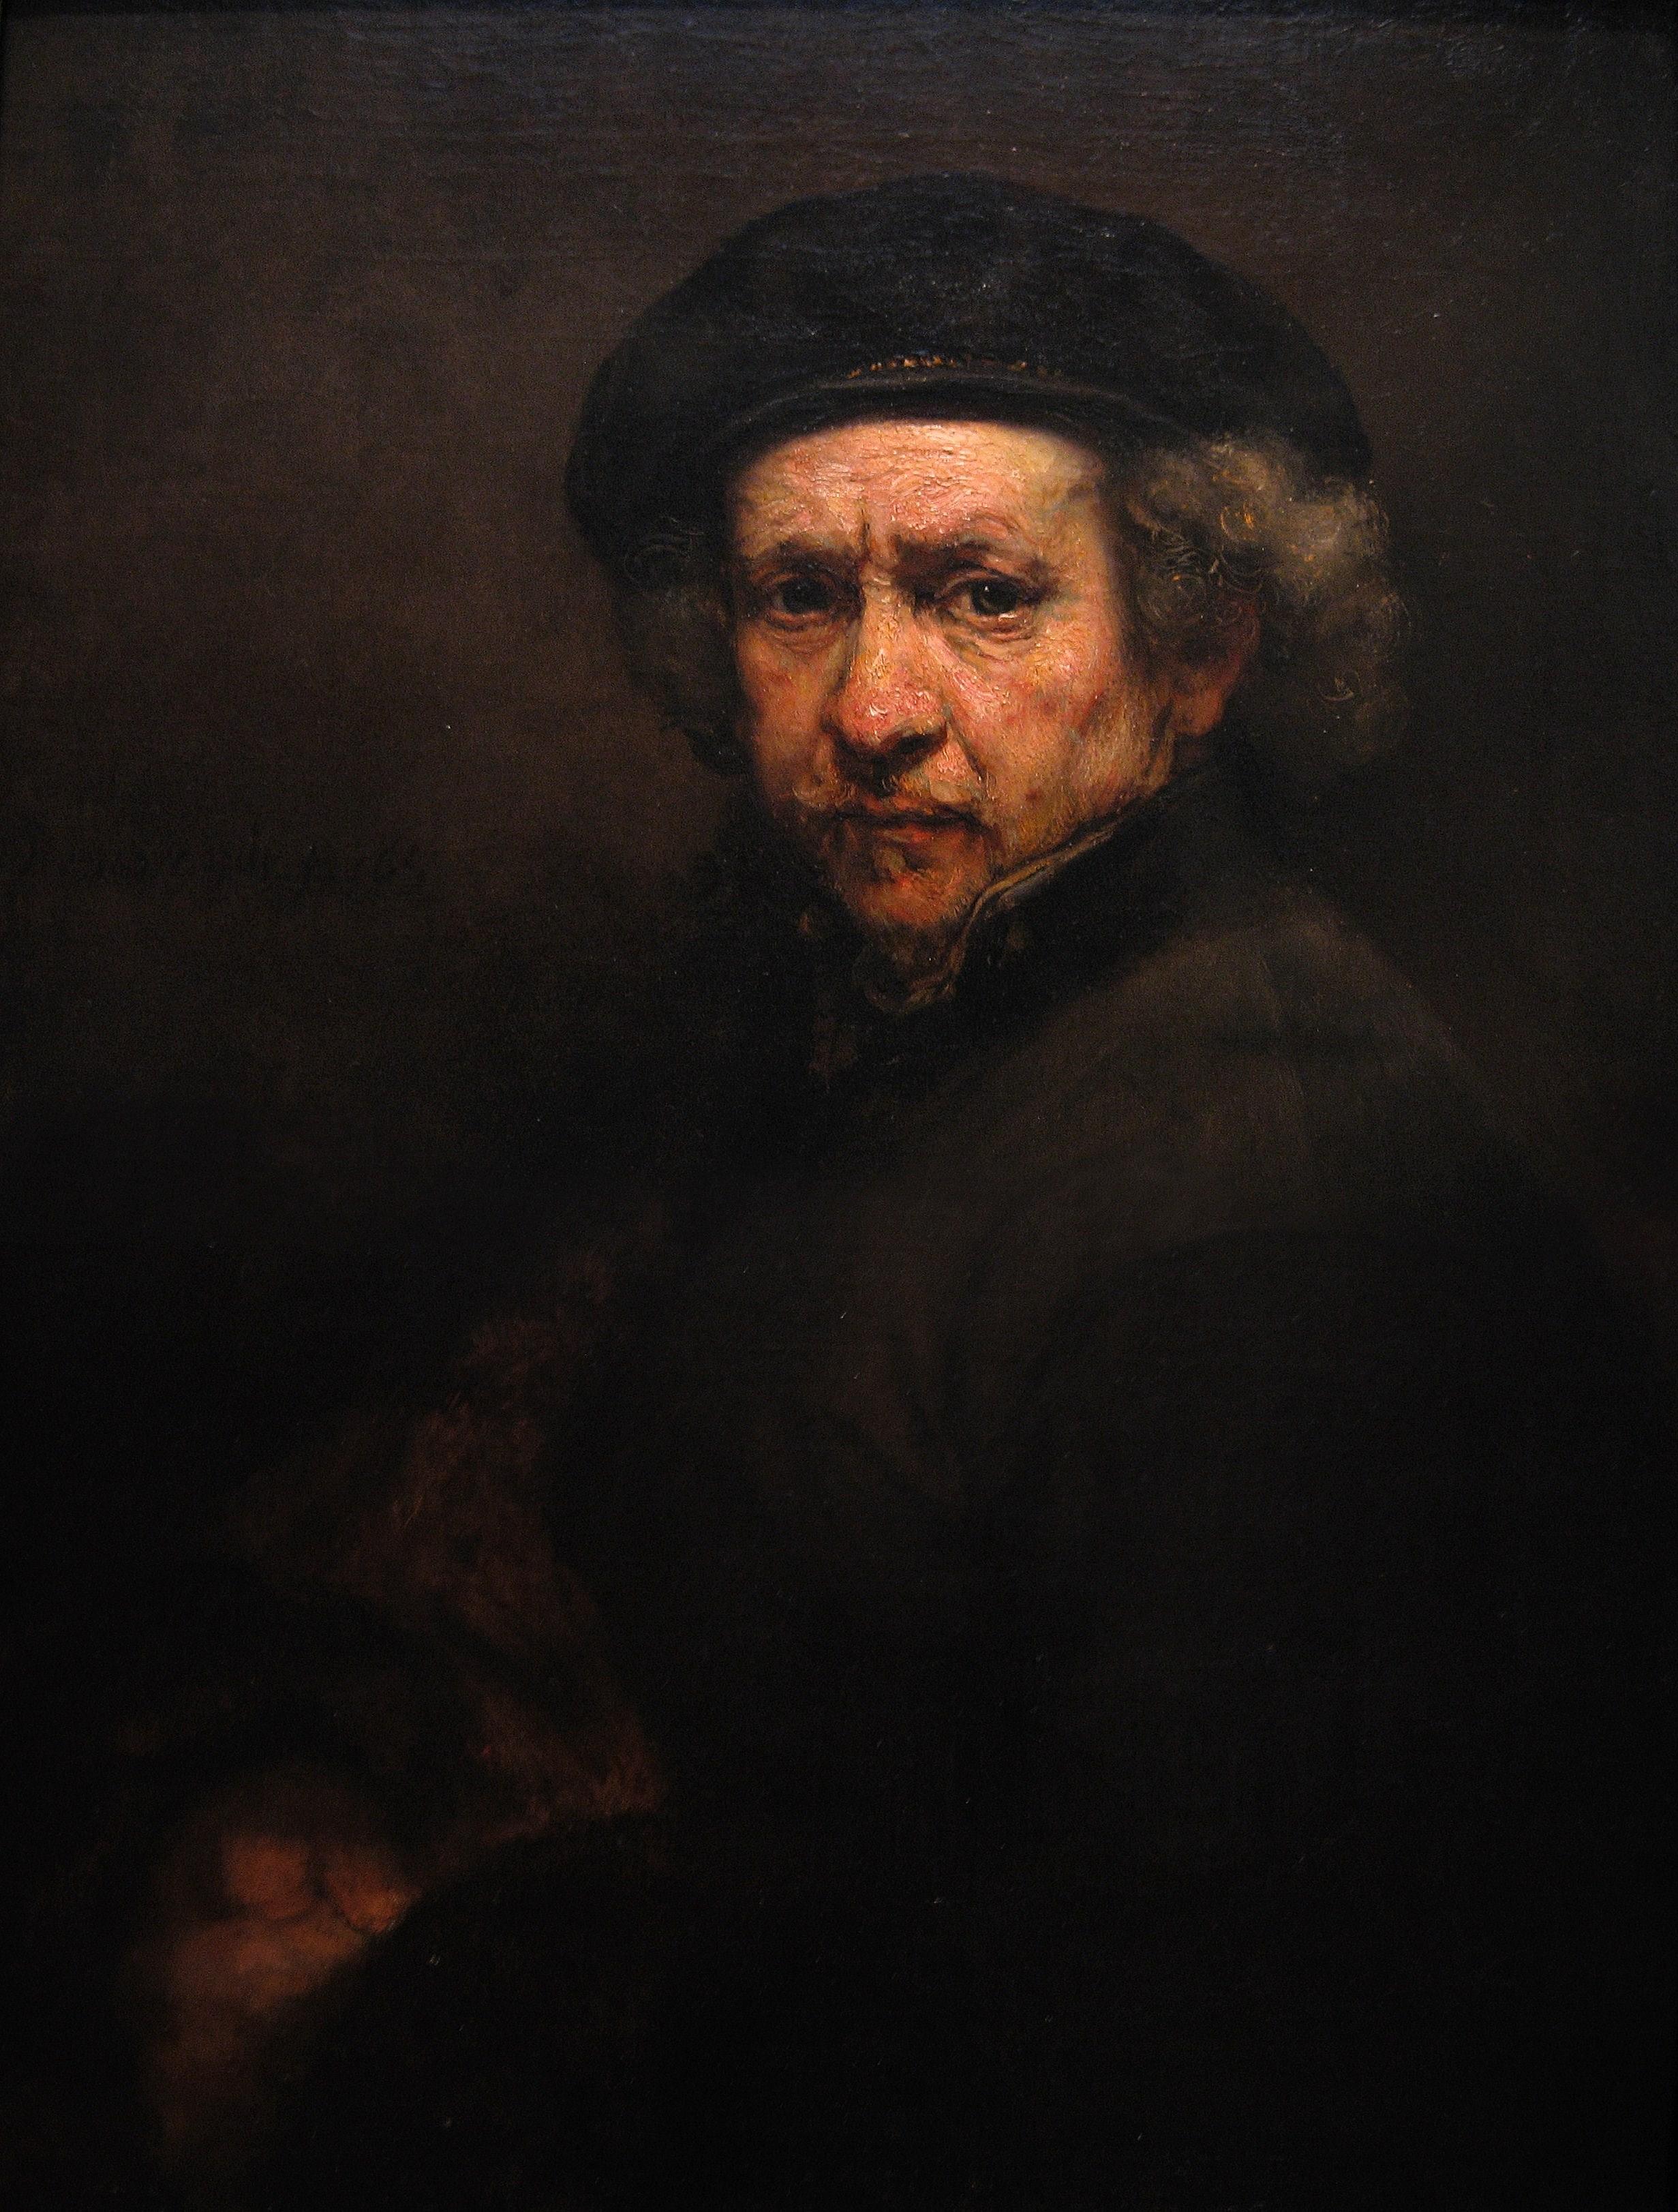 File:Rembrandt van Rijn - Self-Portrait (1659).jpg